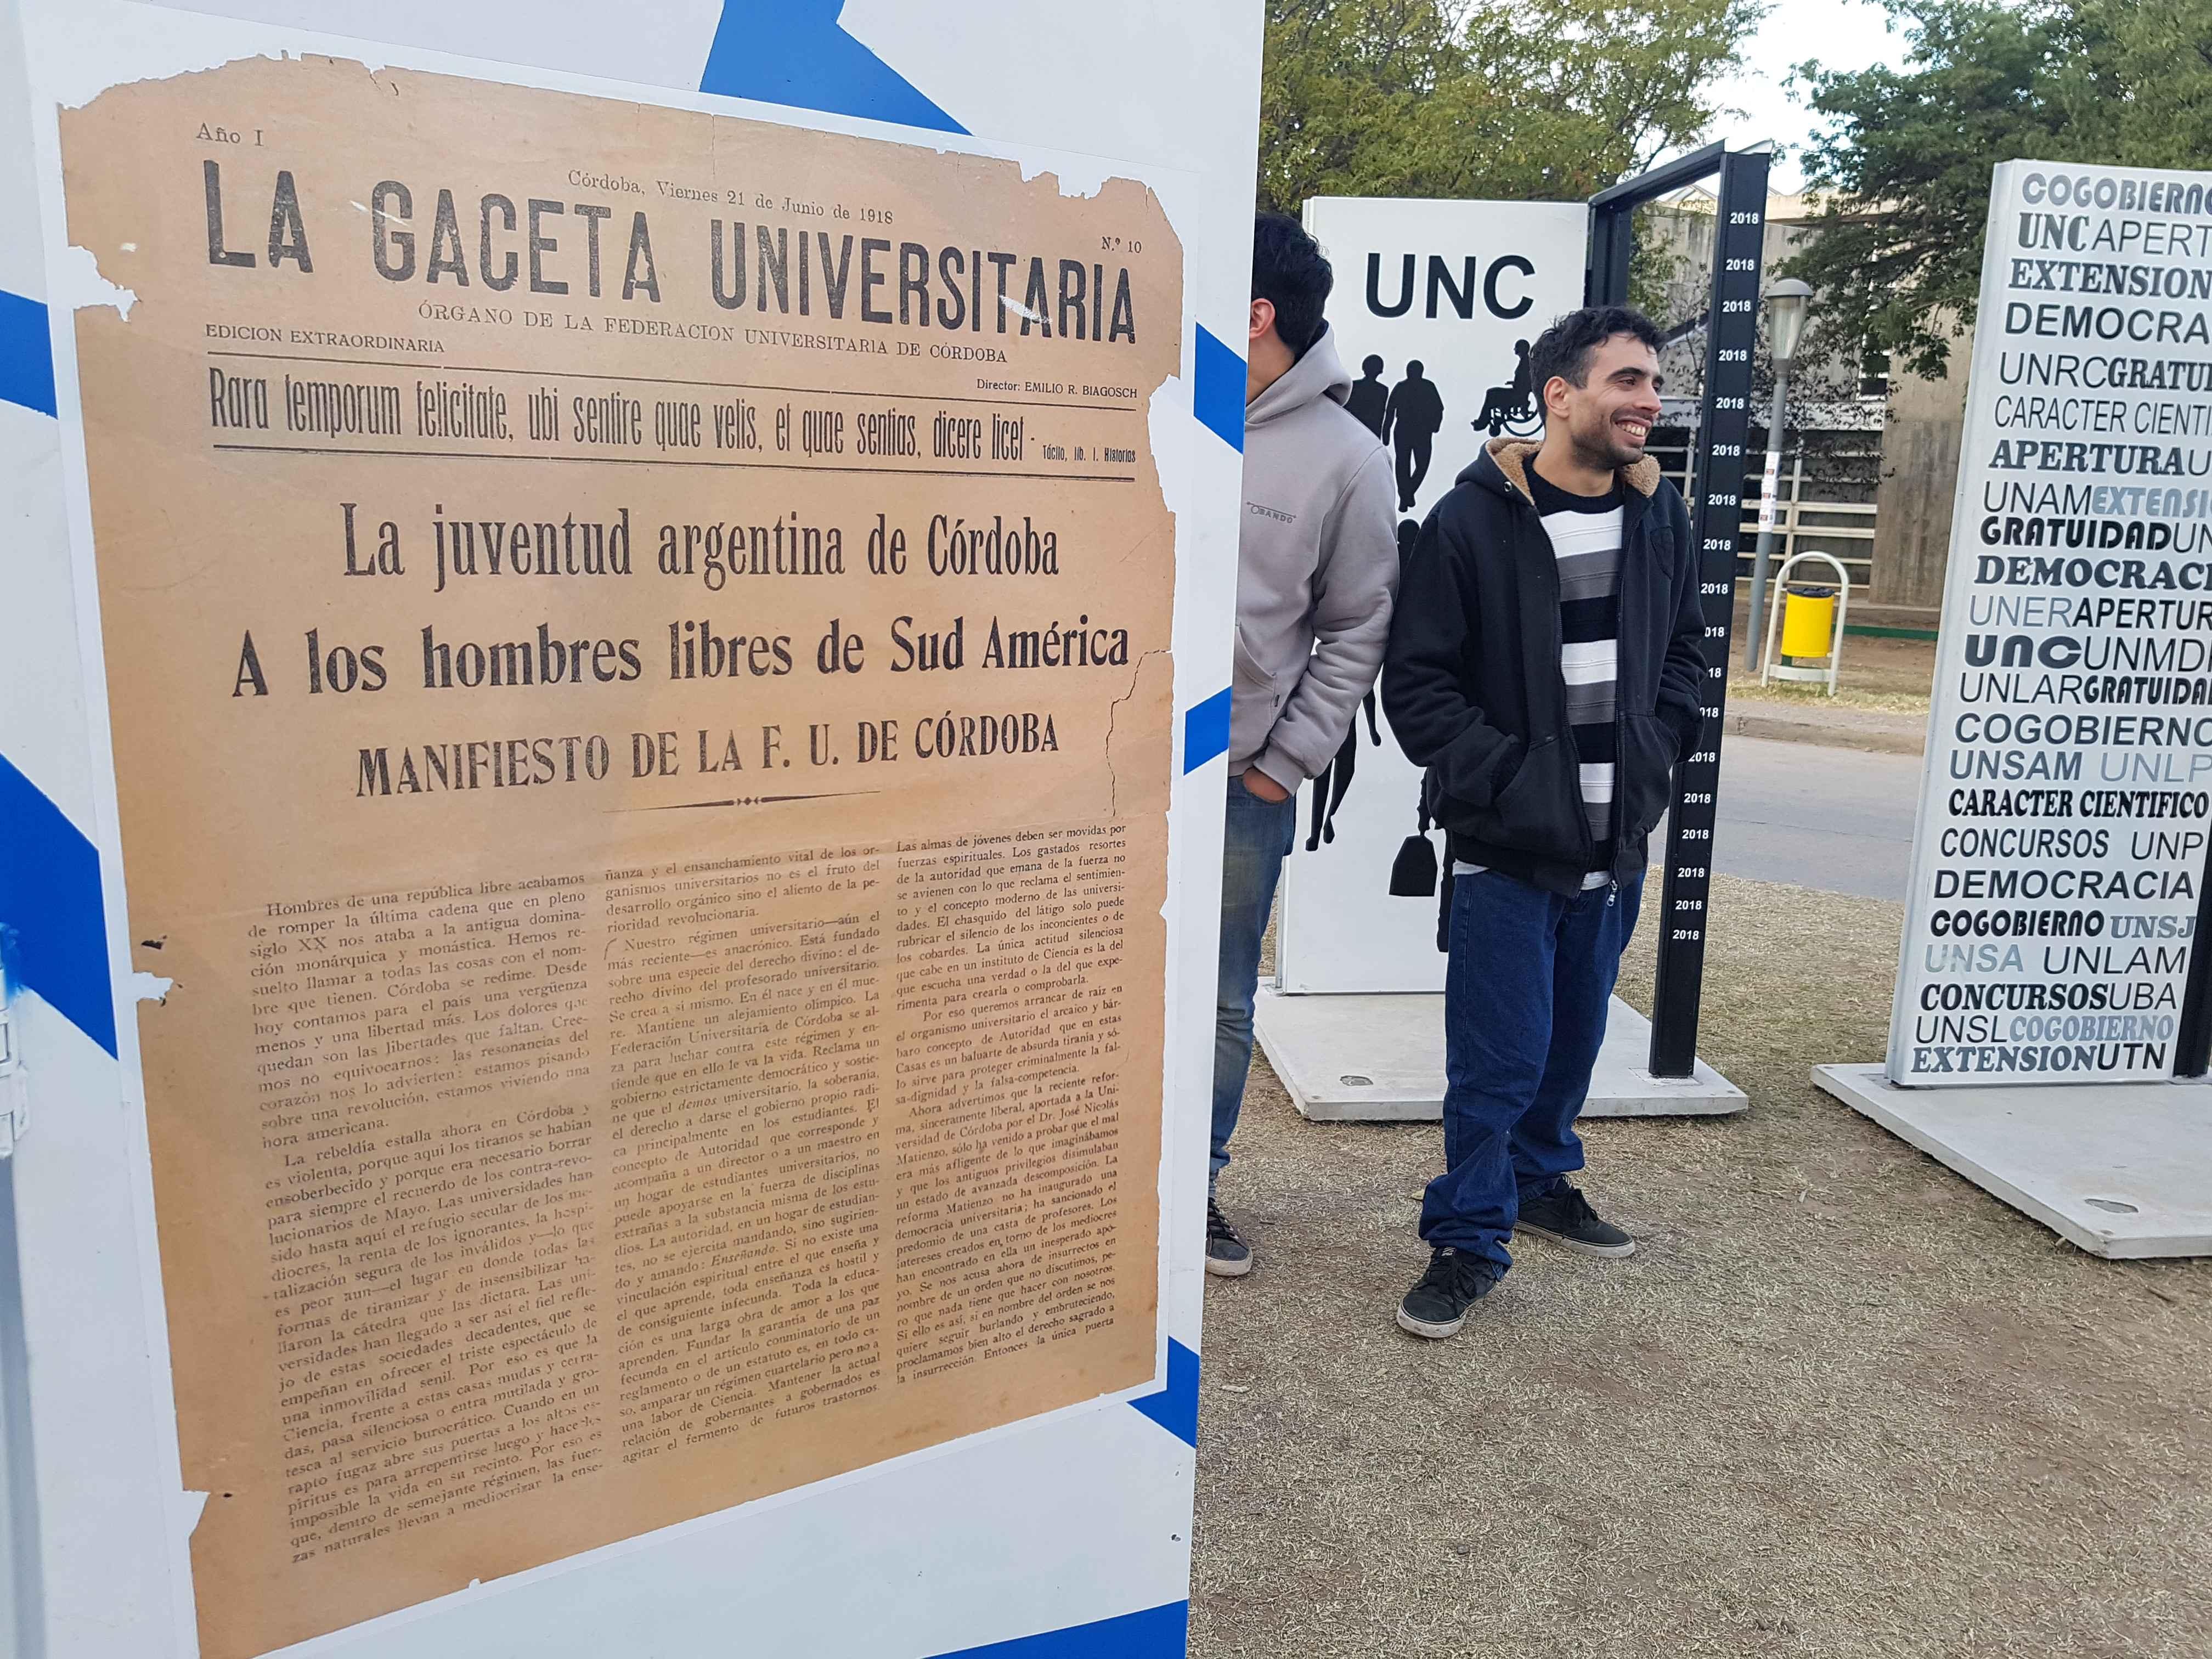 Painel no campus da UNC reproduz manifesto de 1918